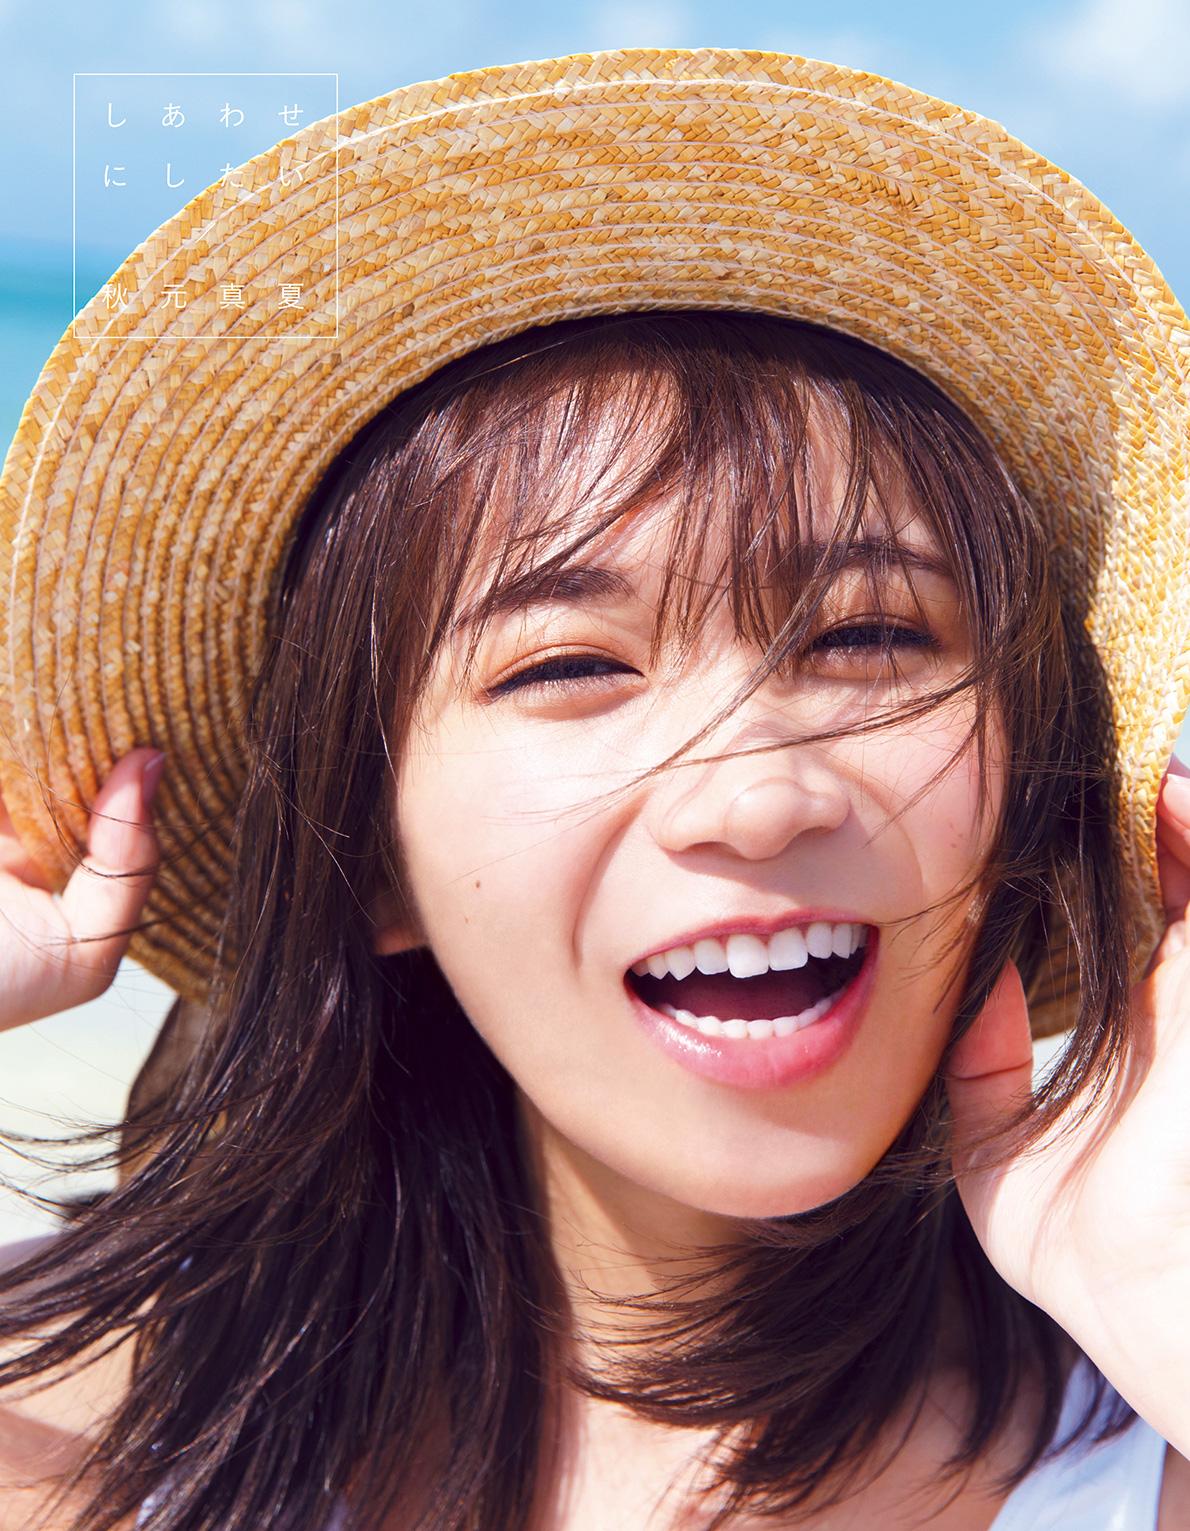 乃木坂46・秋元真夏、笑顔の麦わら帽子姿&ランジェリーSHOTを公開サムネイル画像